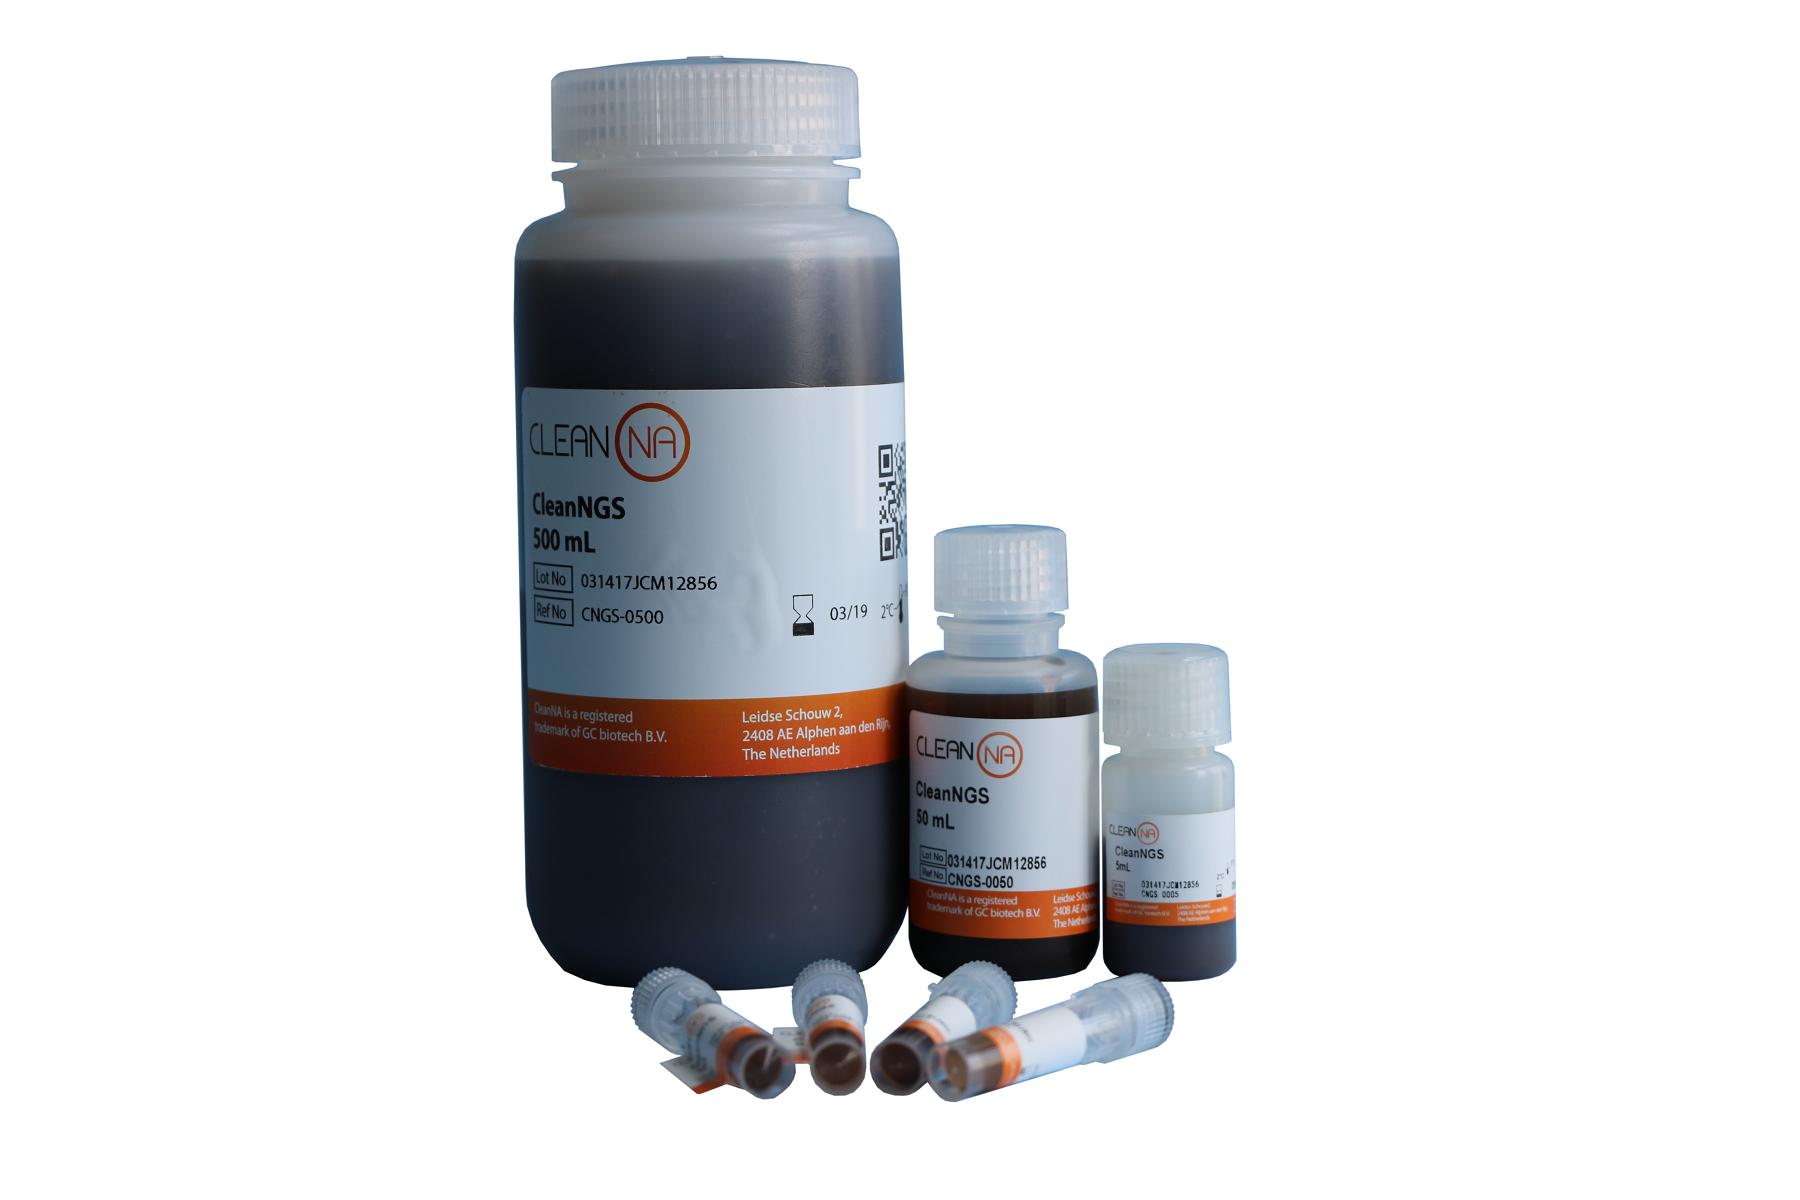 CleanNGS-高通量测序产物纯化及片段筛选专用磁性微球